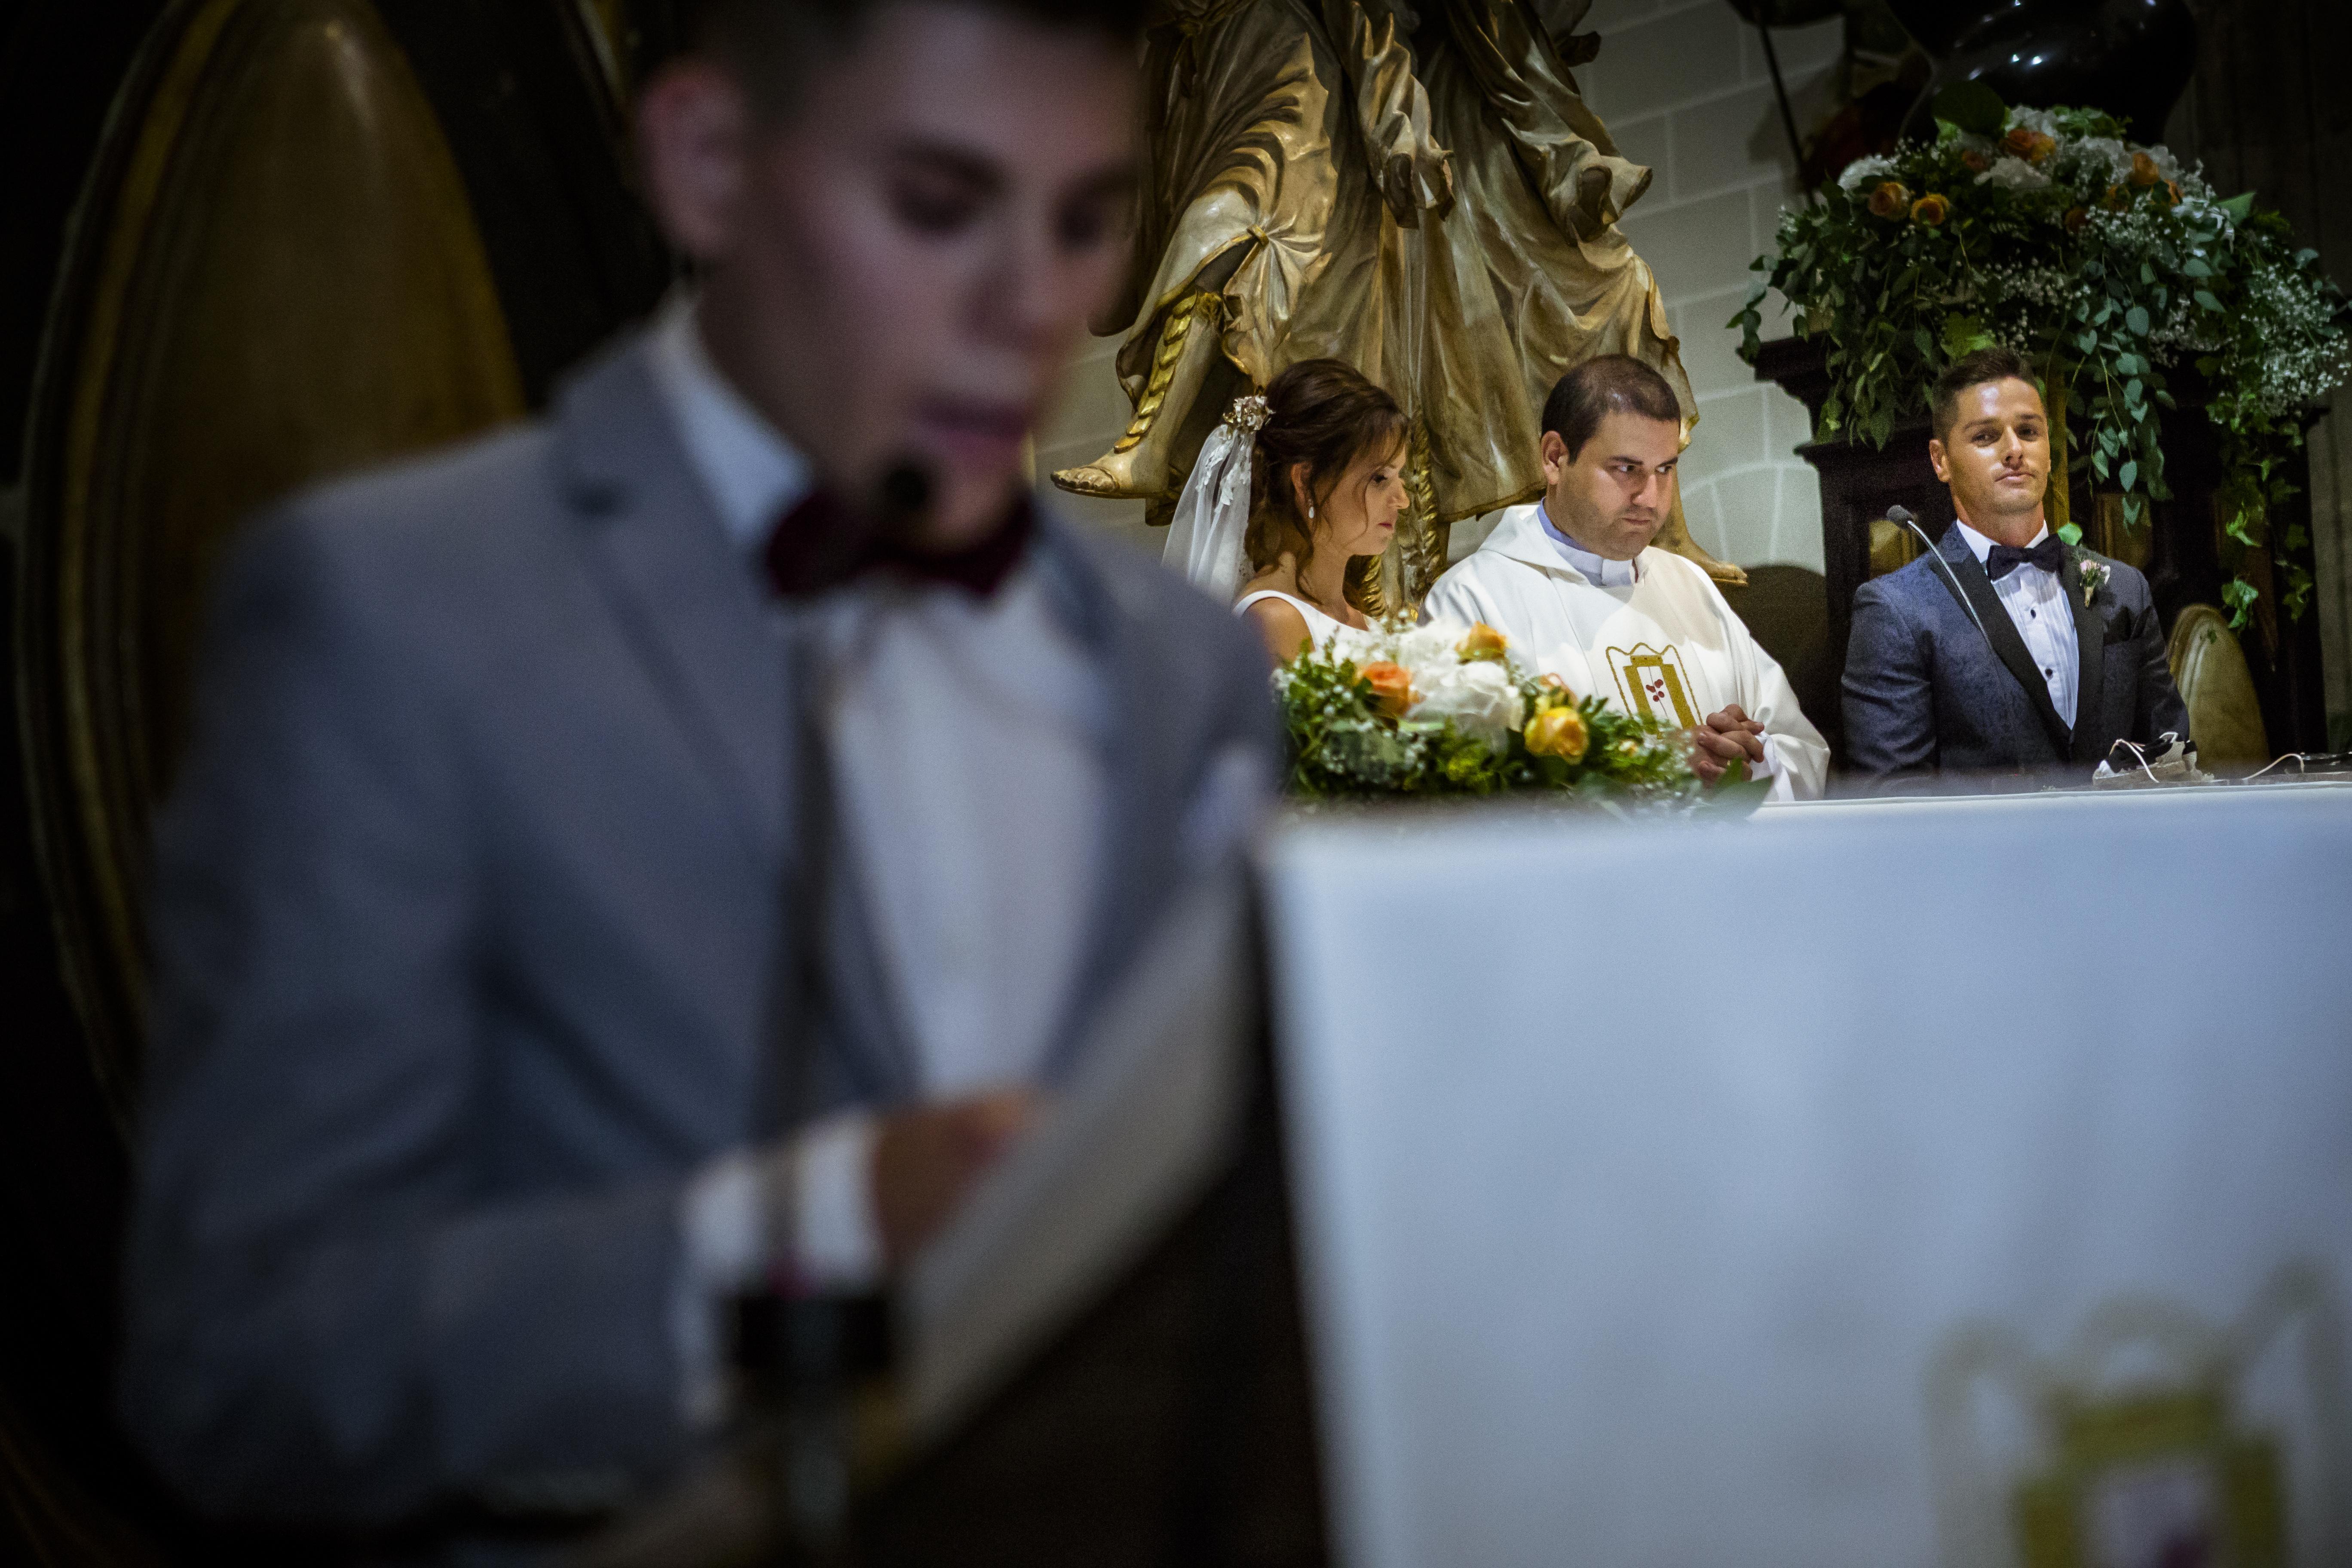 mandarina wedding, fotografos de boda, fotoperiodismo de boda, mejores fotografos de boda, bodas soria, bodas pirineo, bodas Madrid, fotógrafo daroca_08